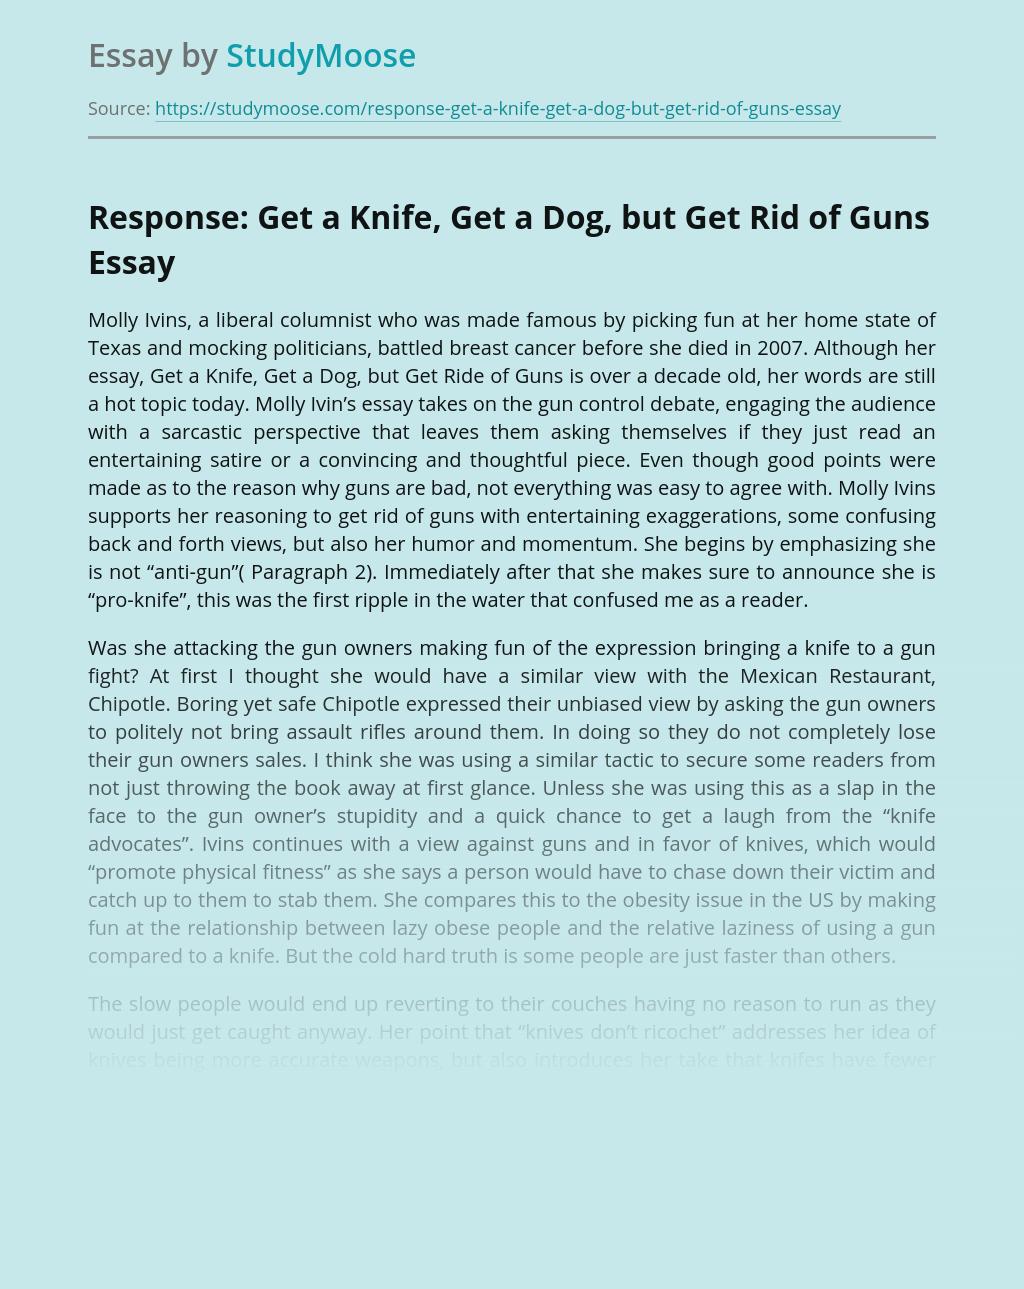 Response: Get a Knife, Get a Dog, but Get Rid of Guns